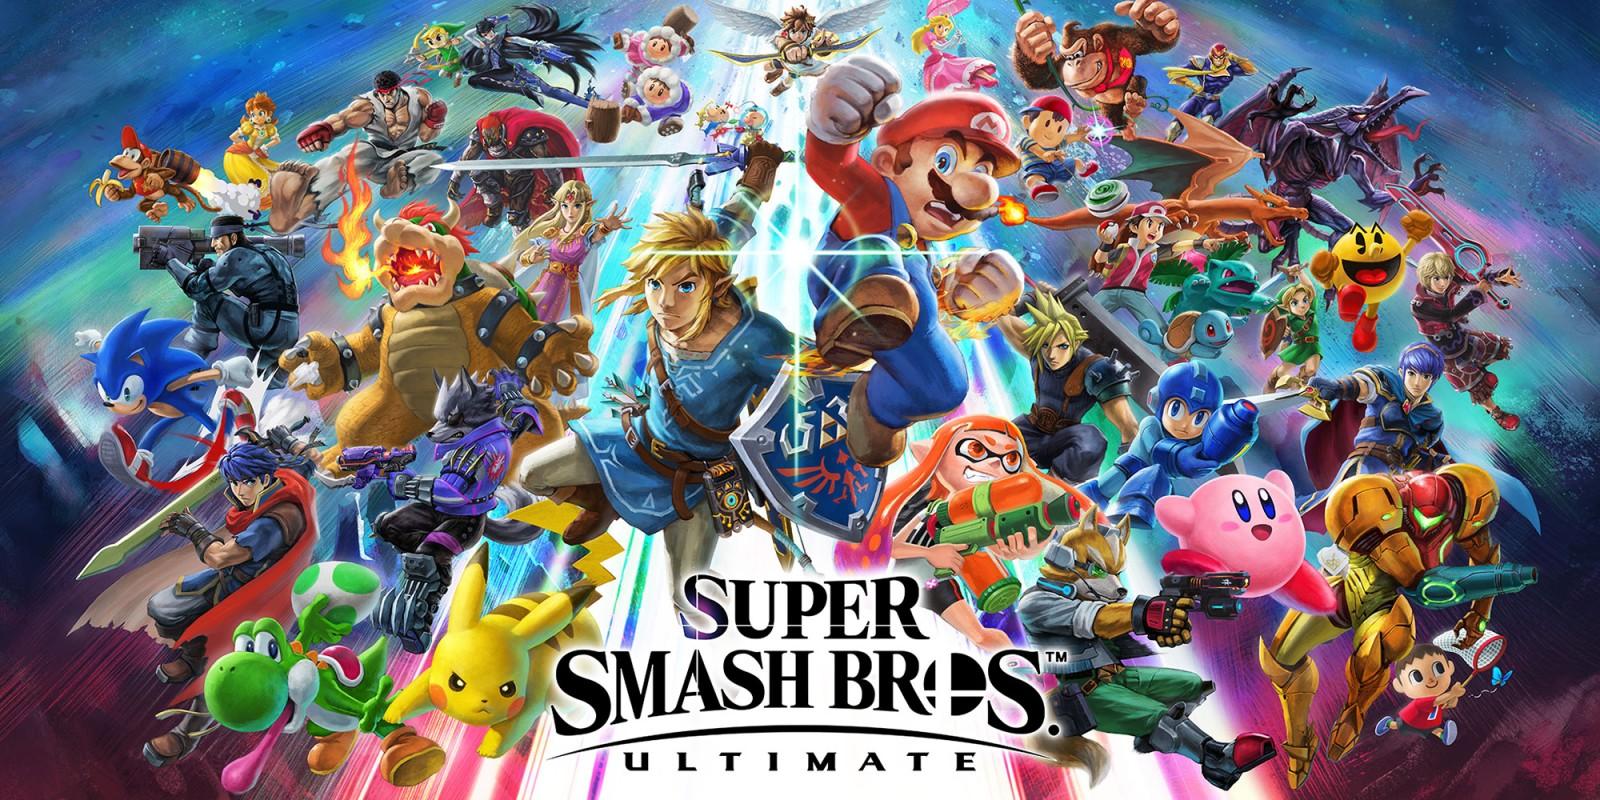 Super Smash Bros. Ultimate já está esgotado em uma das maiores vajeristas do Japão